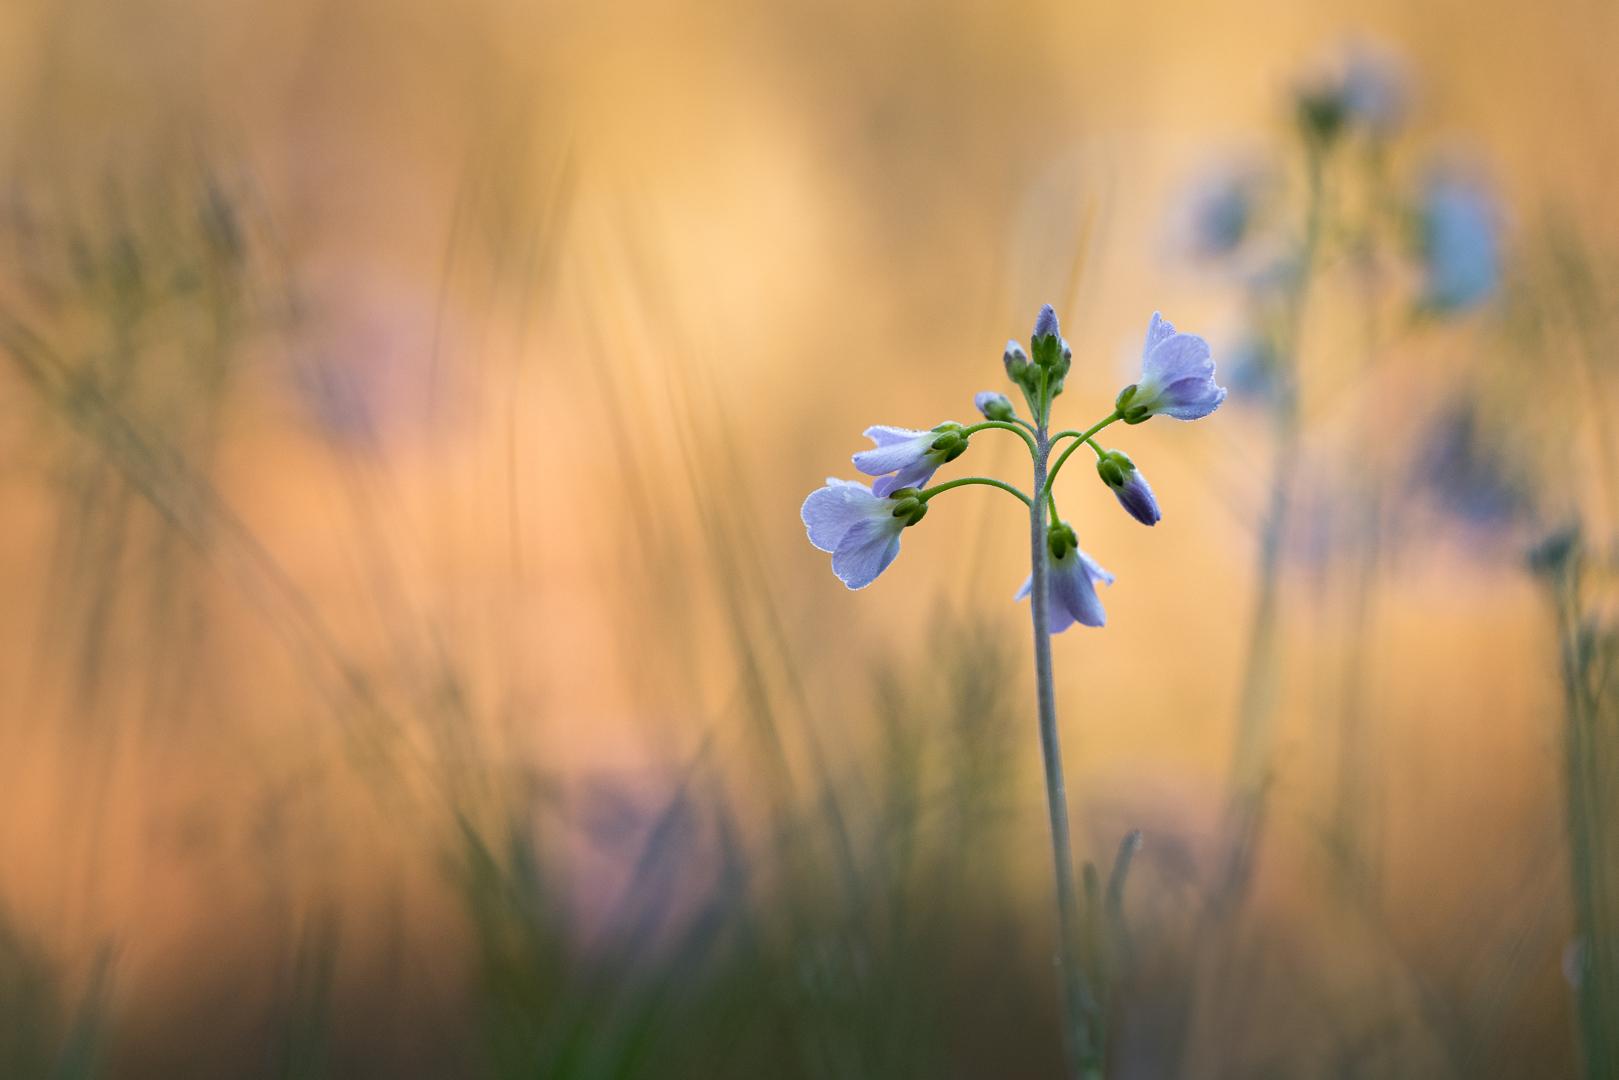 Pinksterbloemen Loes Belovics Deel de Natuur